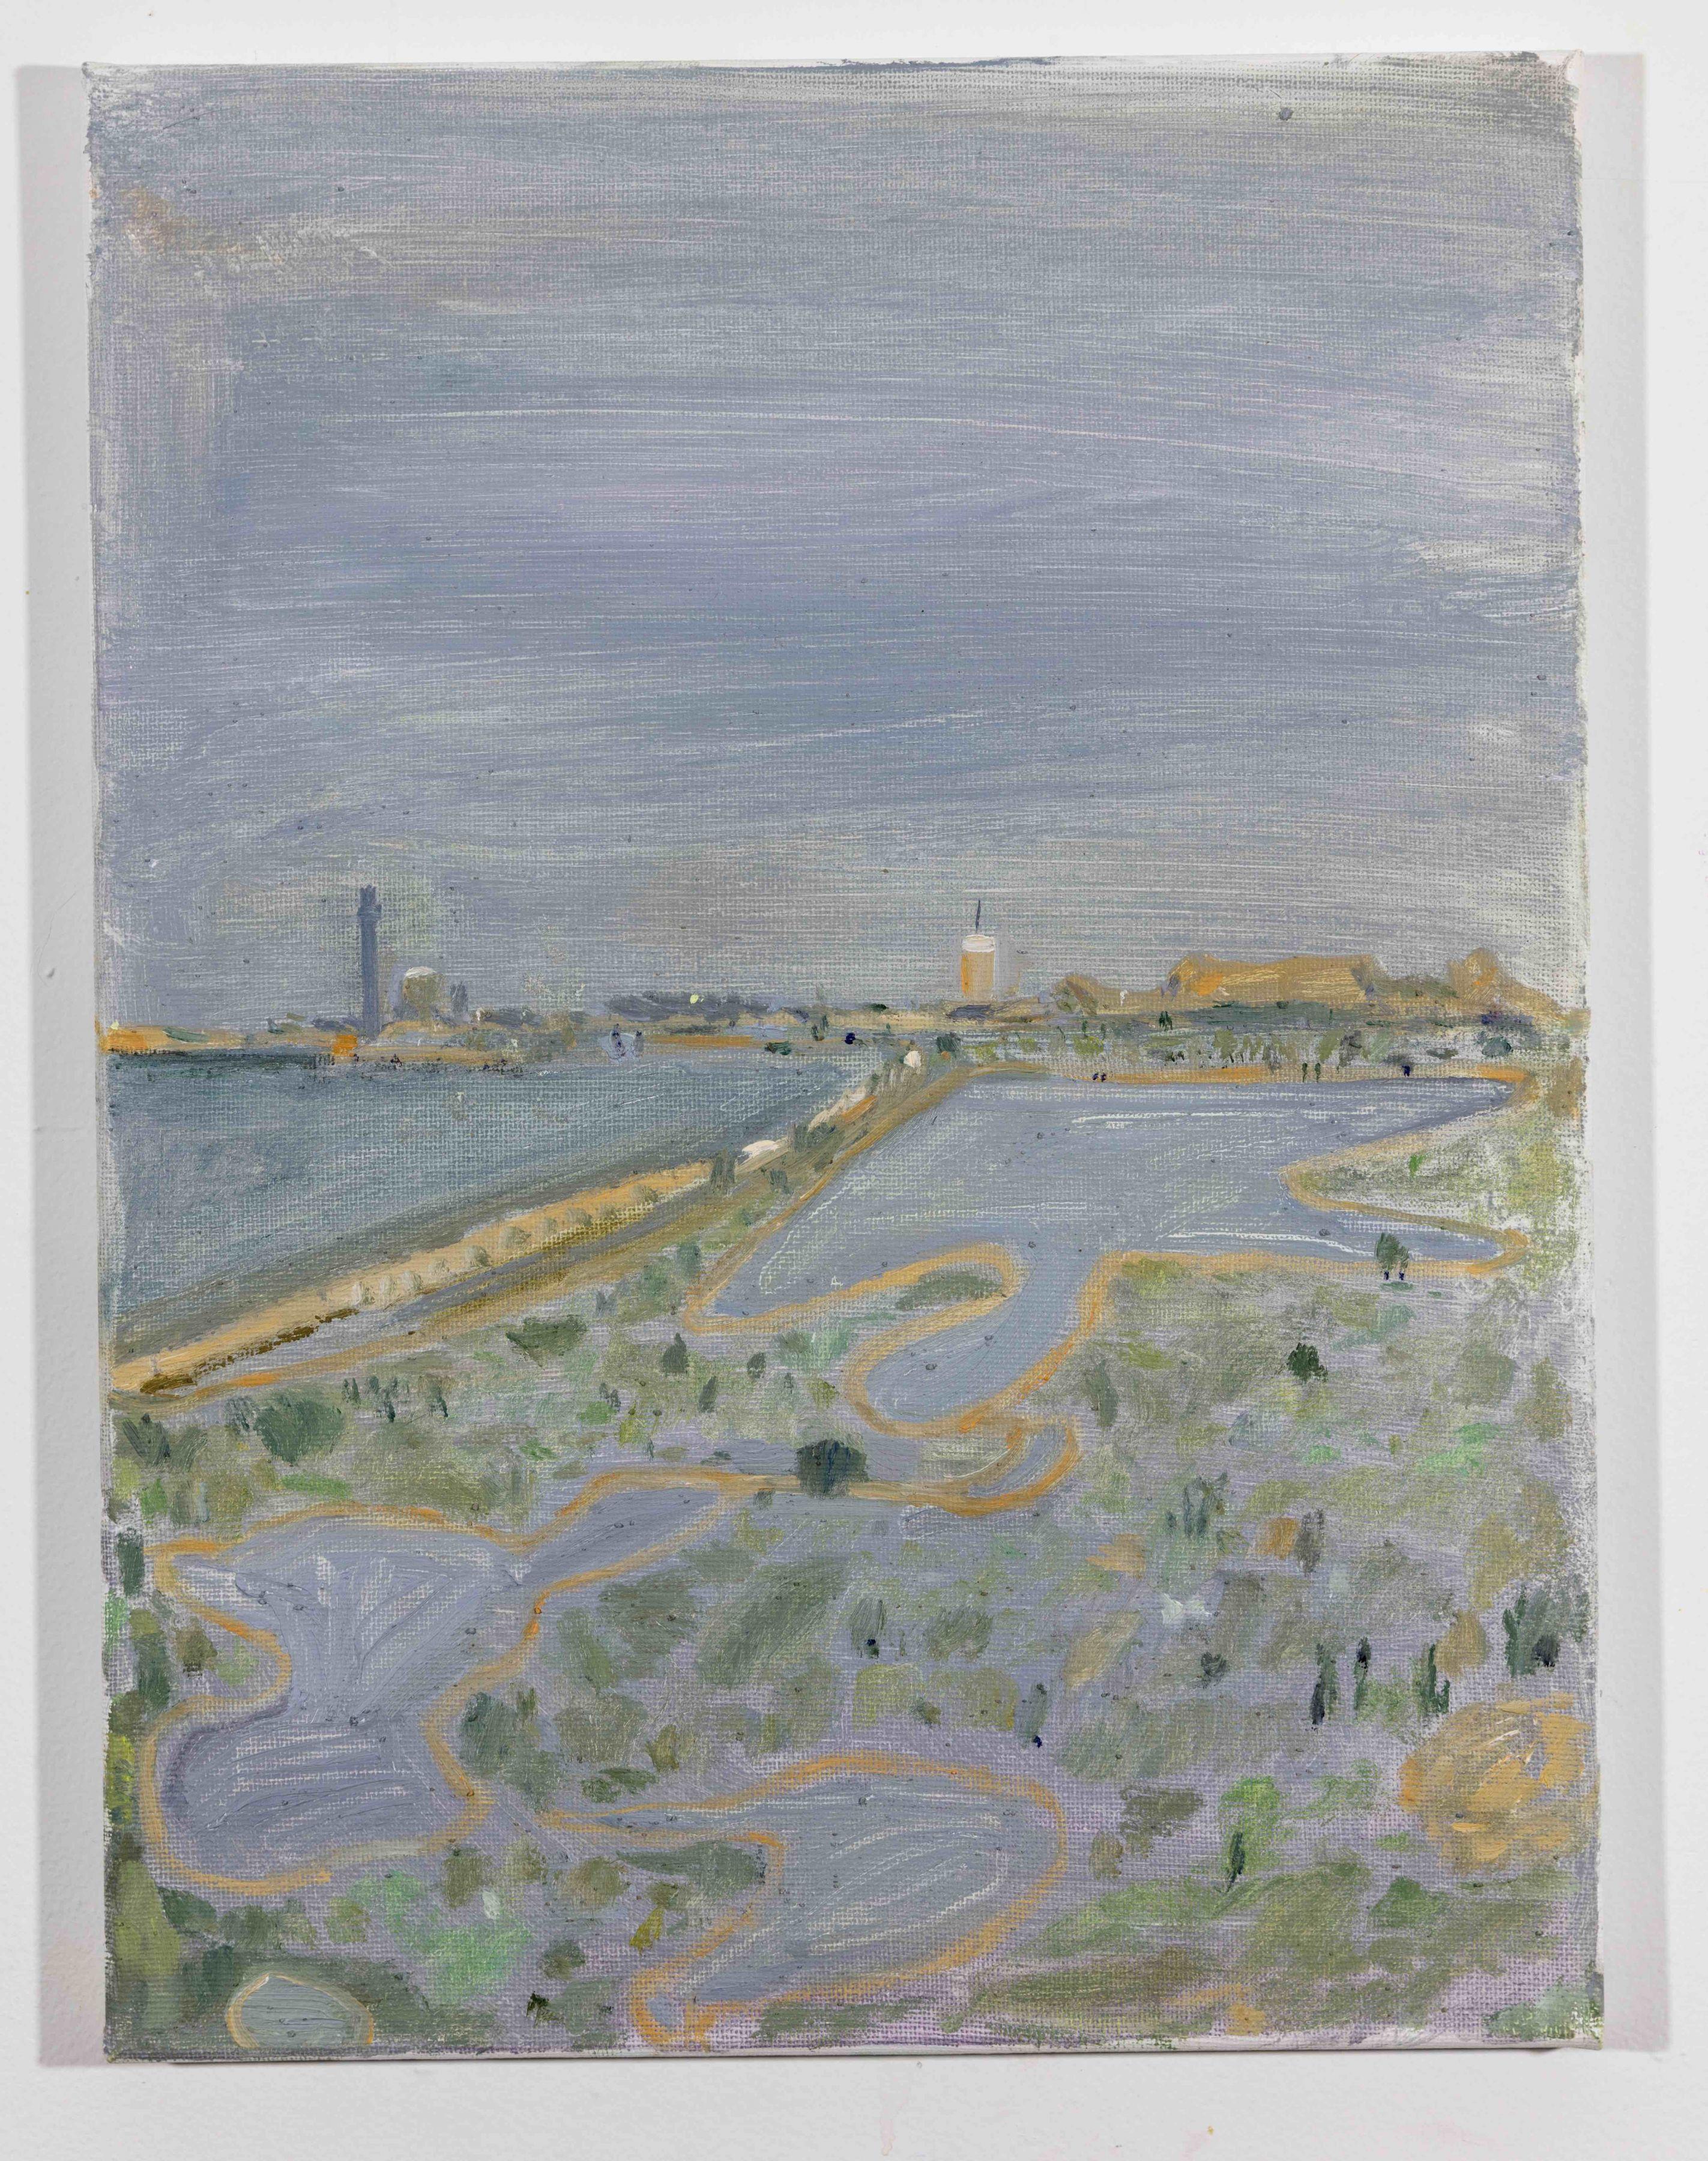 LISA SANDITZ, Landscape Color Study 23, 2019